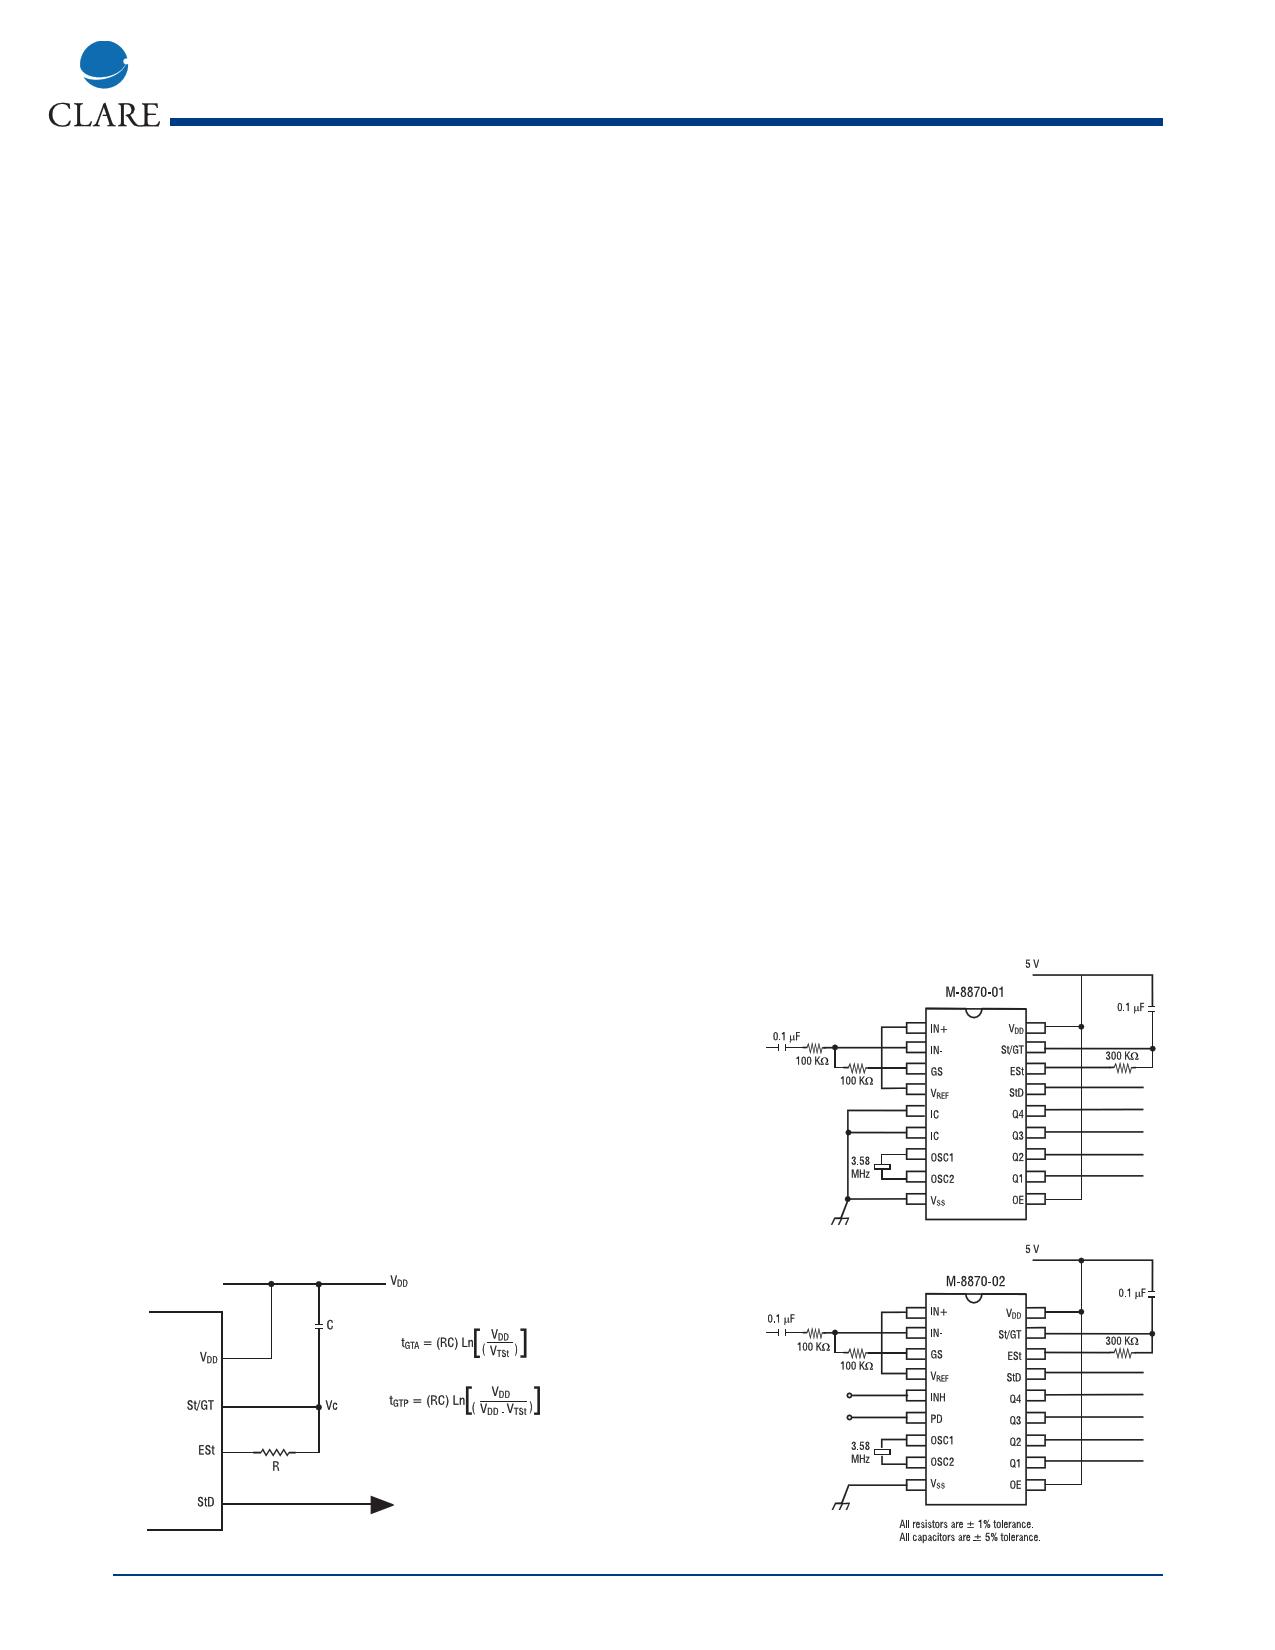 M-8870-02 Даташит, Описание, Даташиты